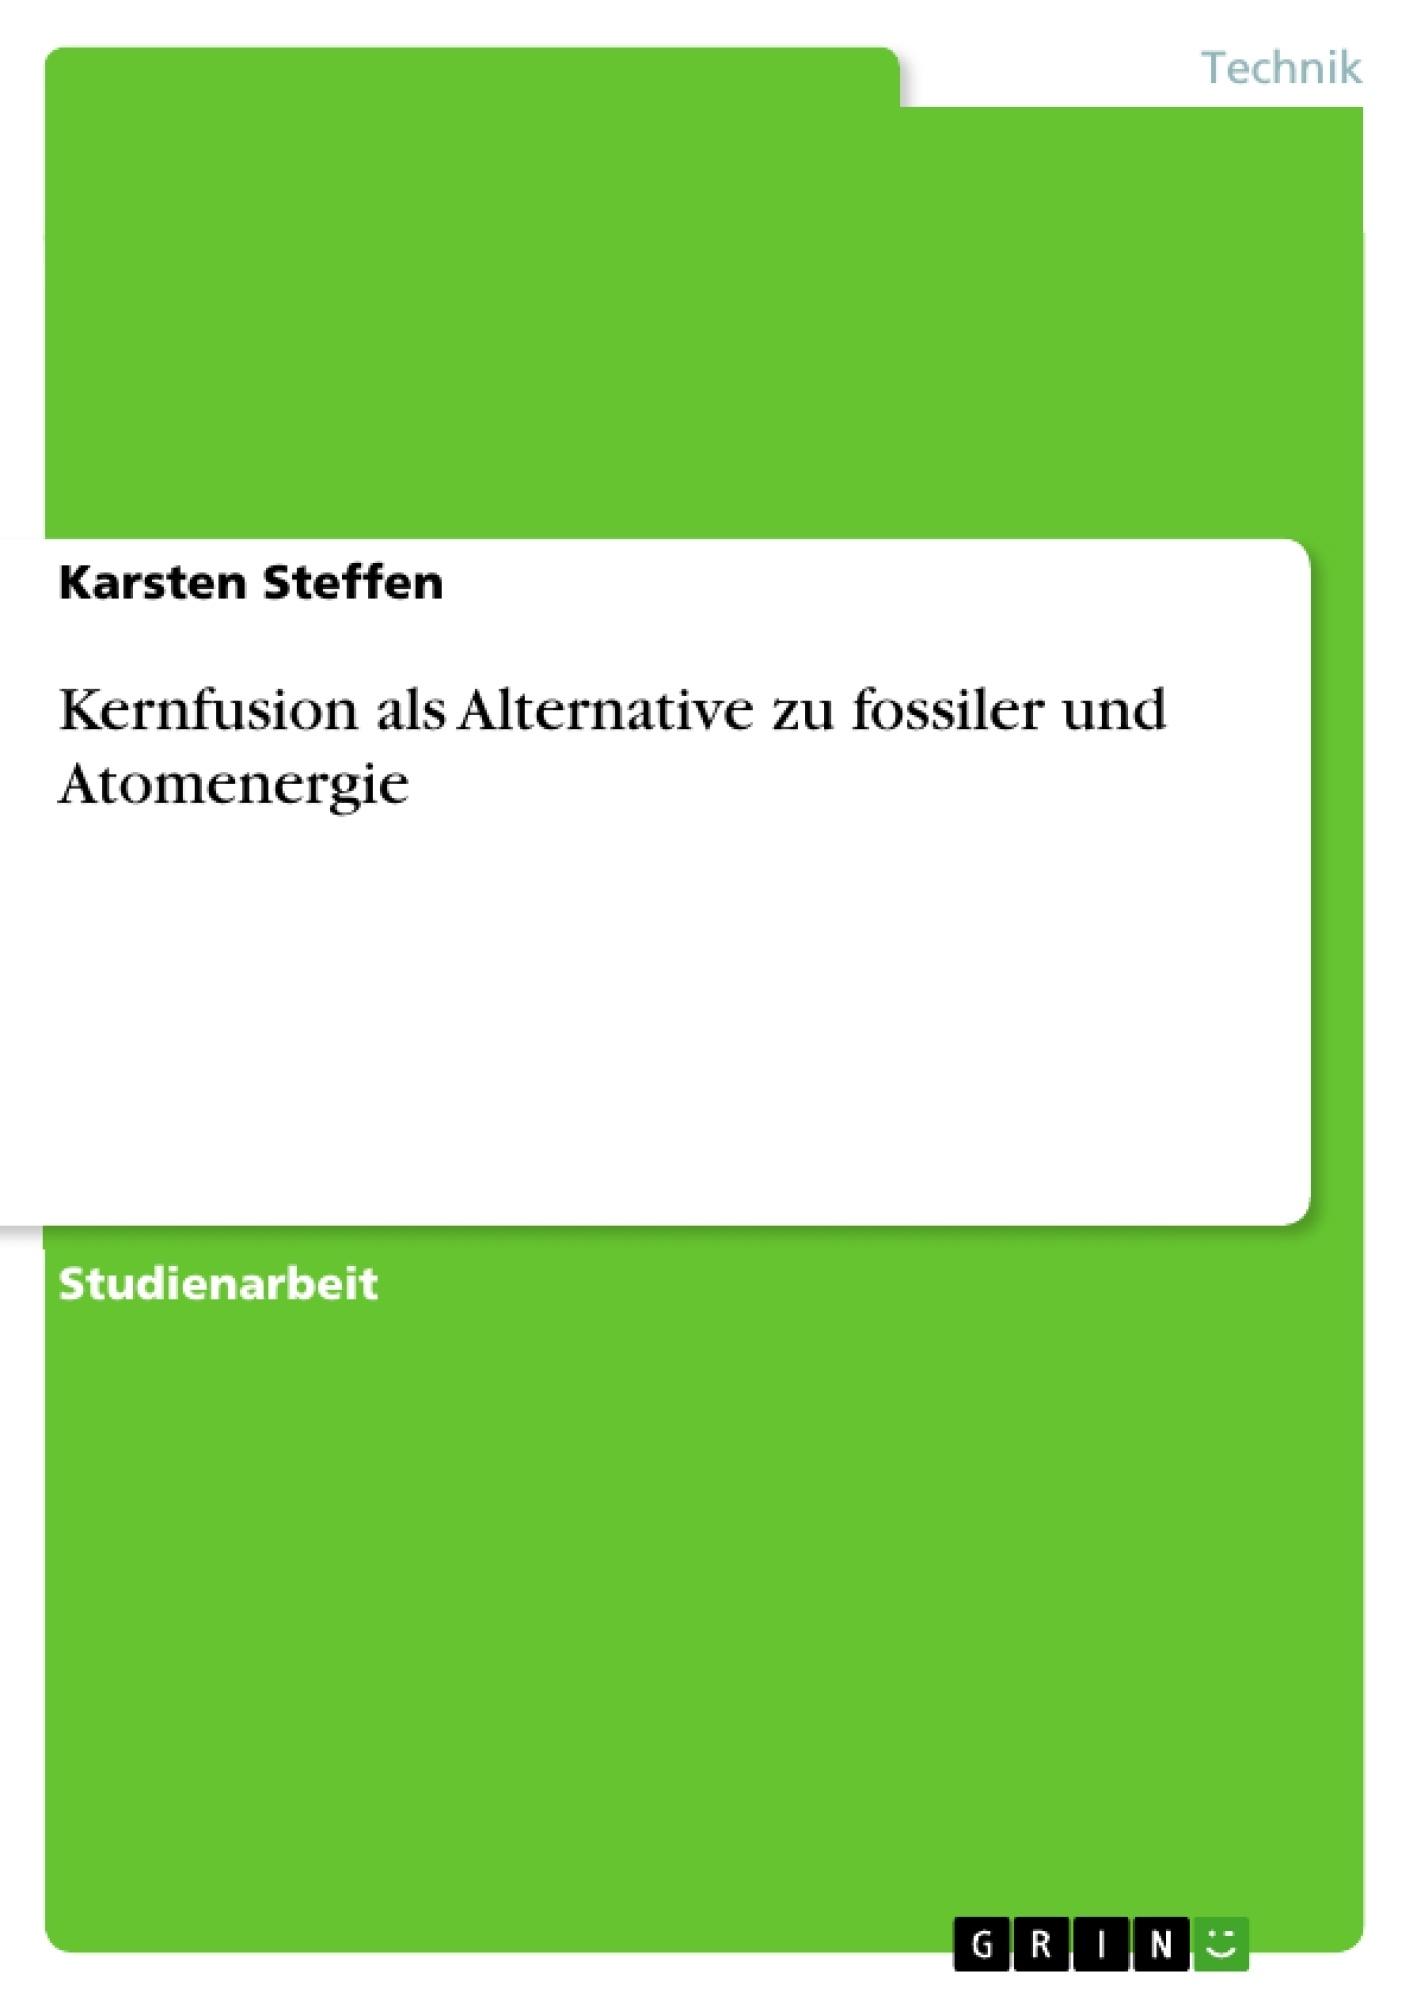 Titel: Kernfusion als Alternative zu fossiler und Atomenergie